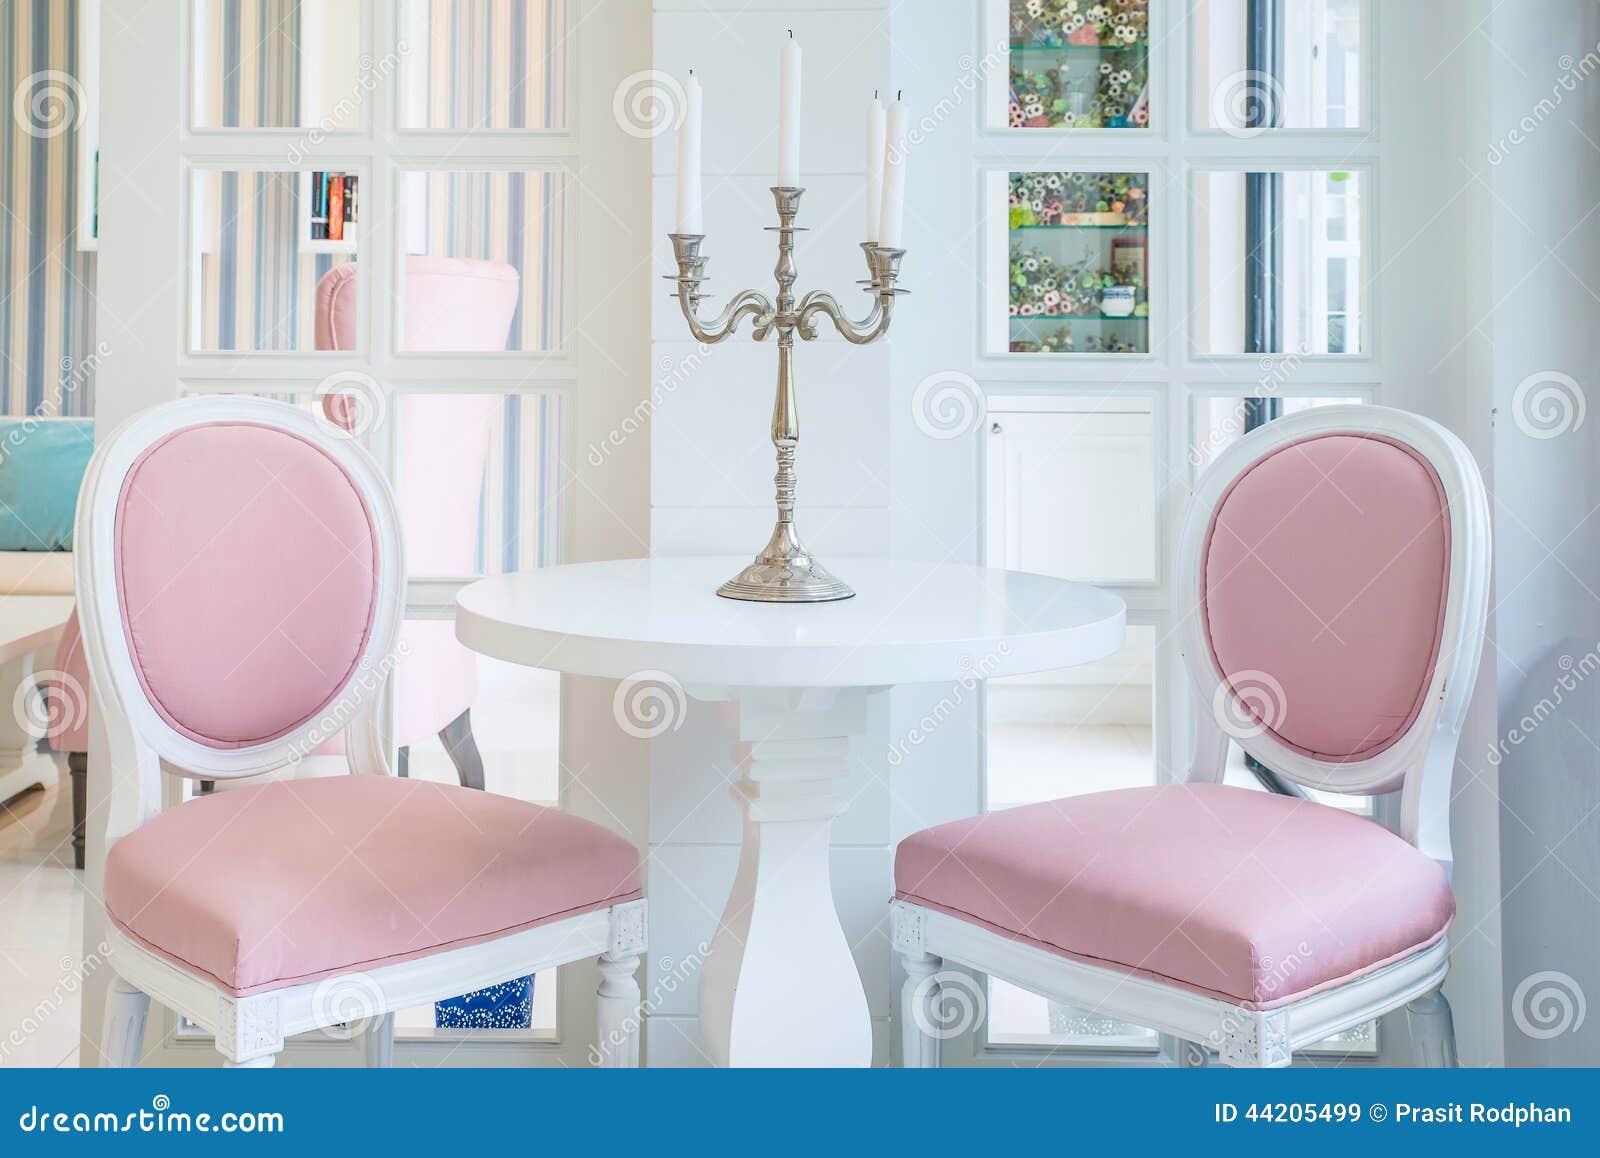 Witte Lijst En Roze Stoel Met Kaars Op Lijst In Woonkamer Stock ...